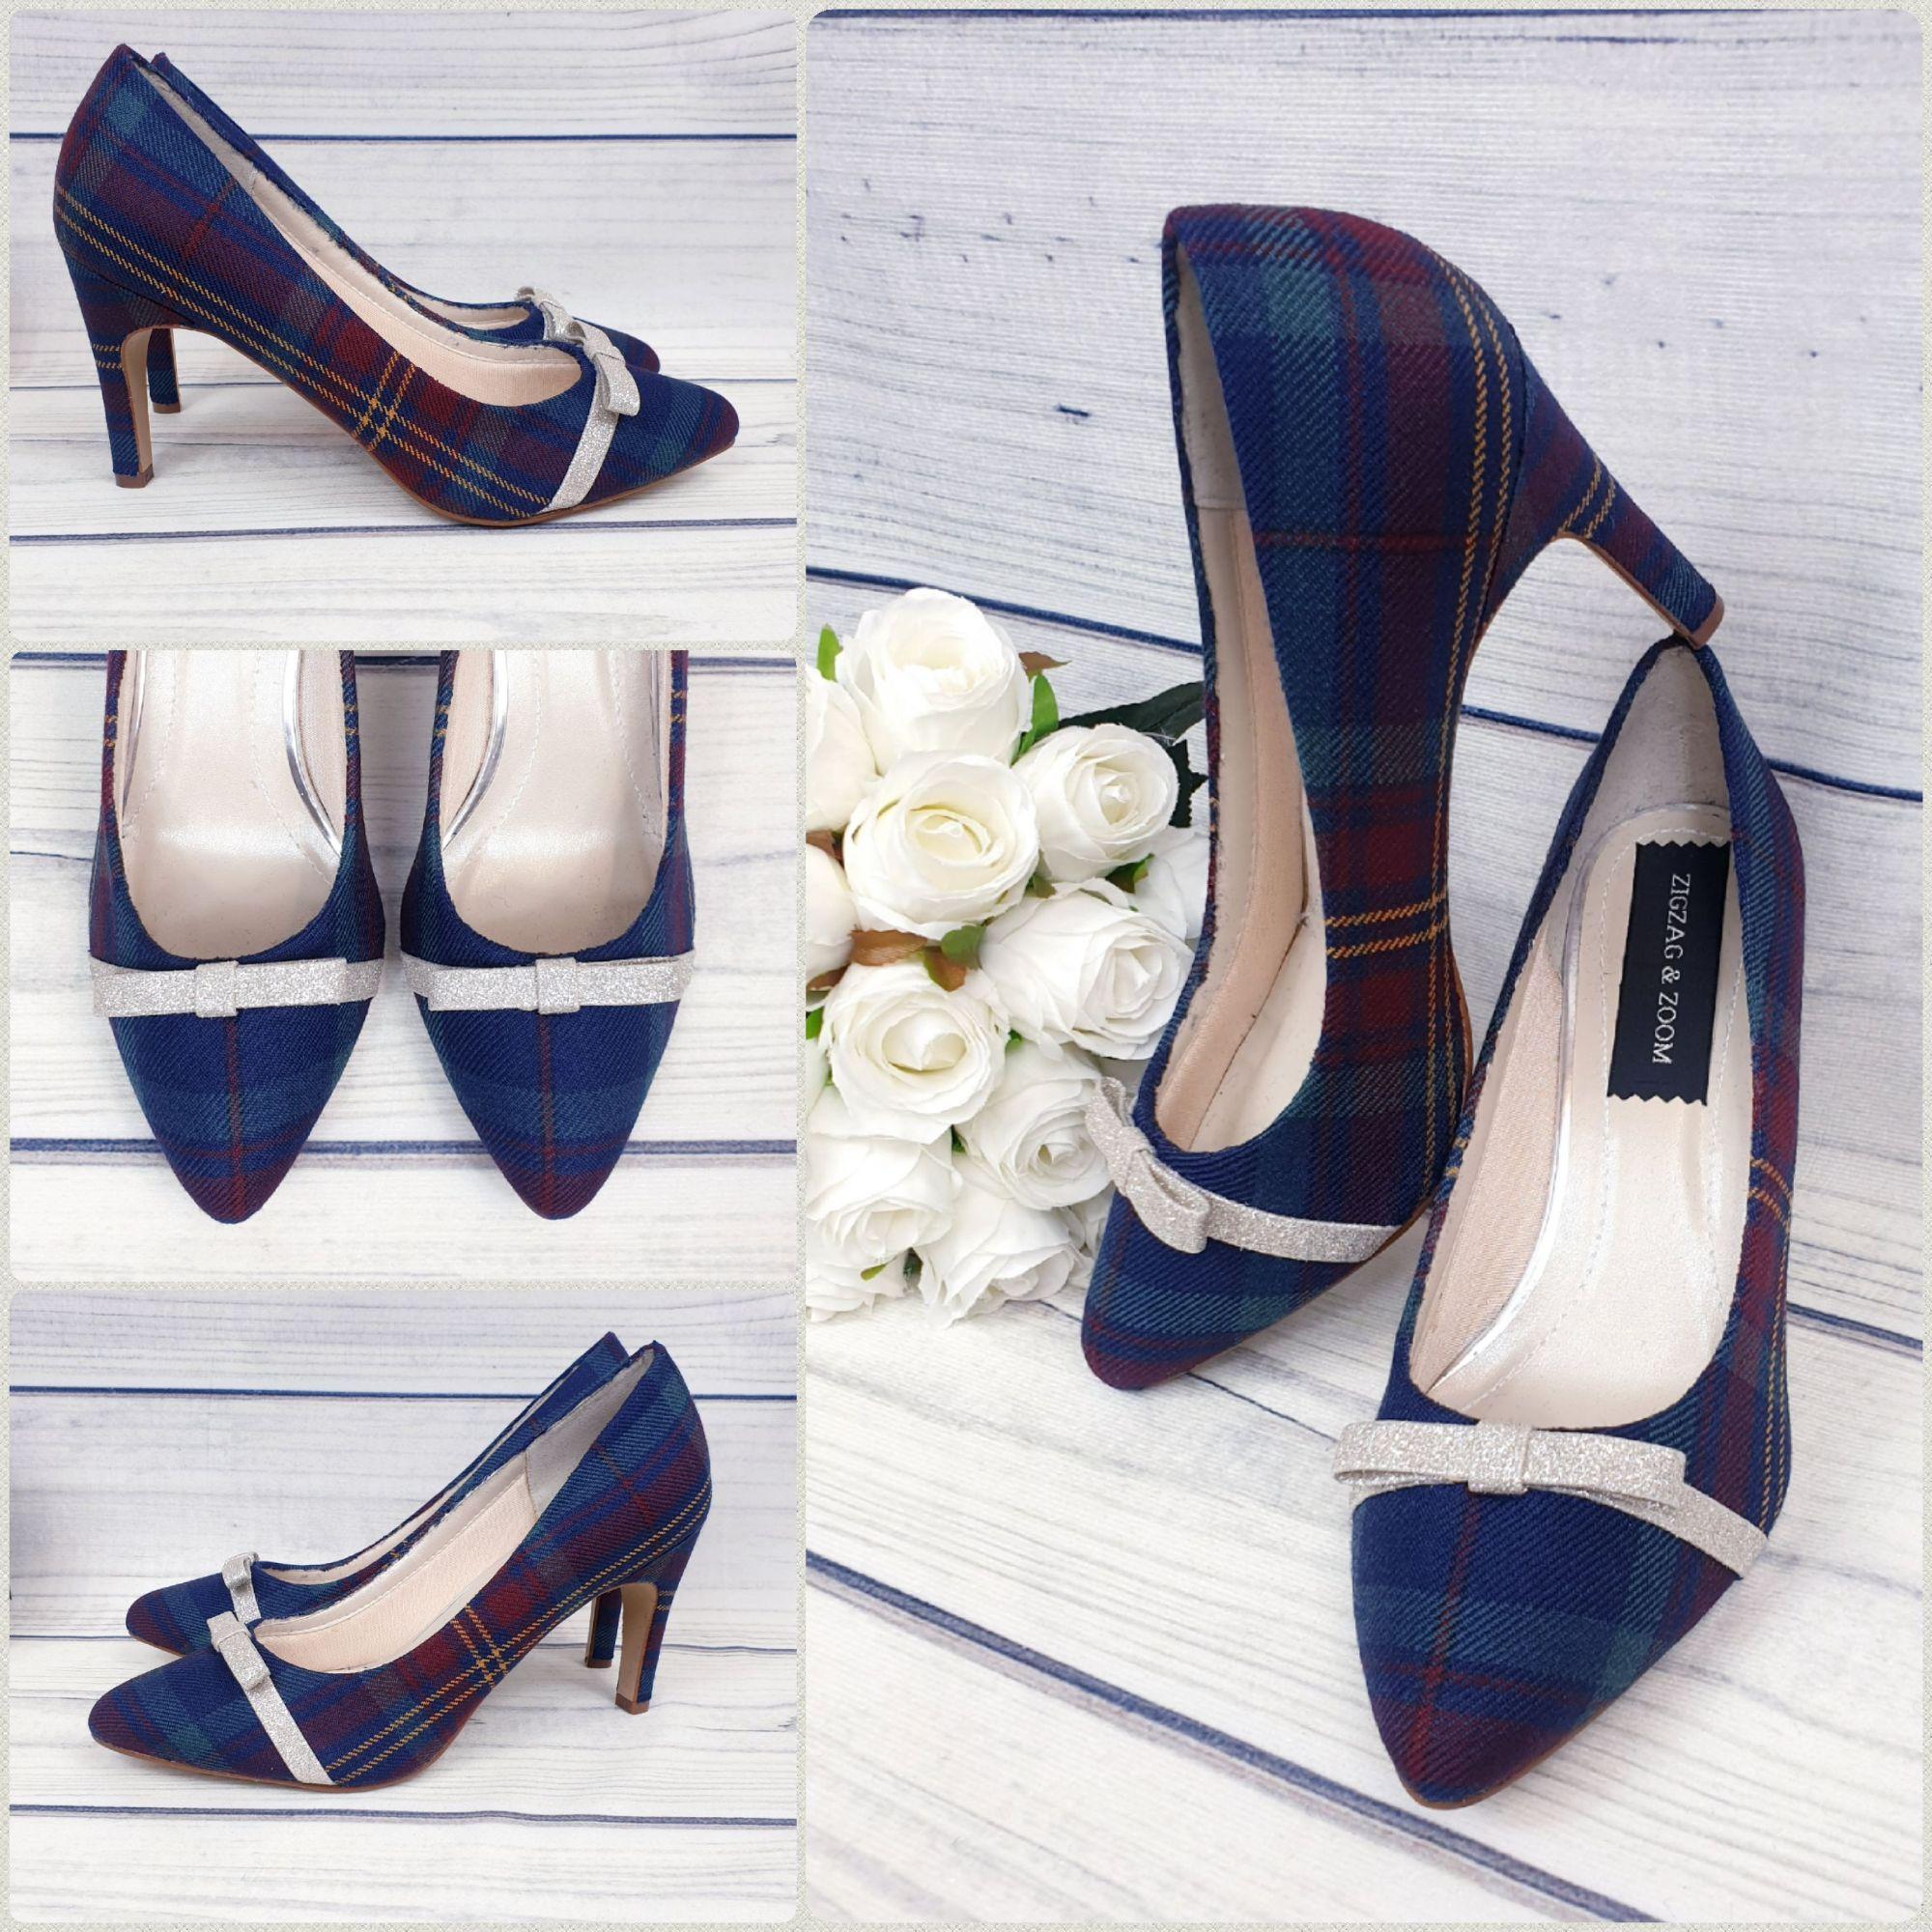 Stunning tartan shoes, bespoke wedding shoes